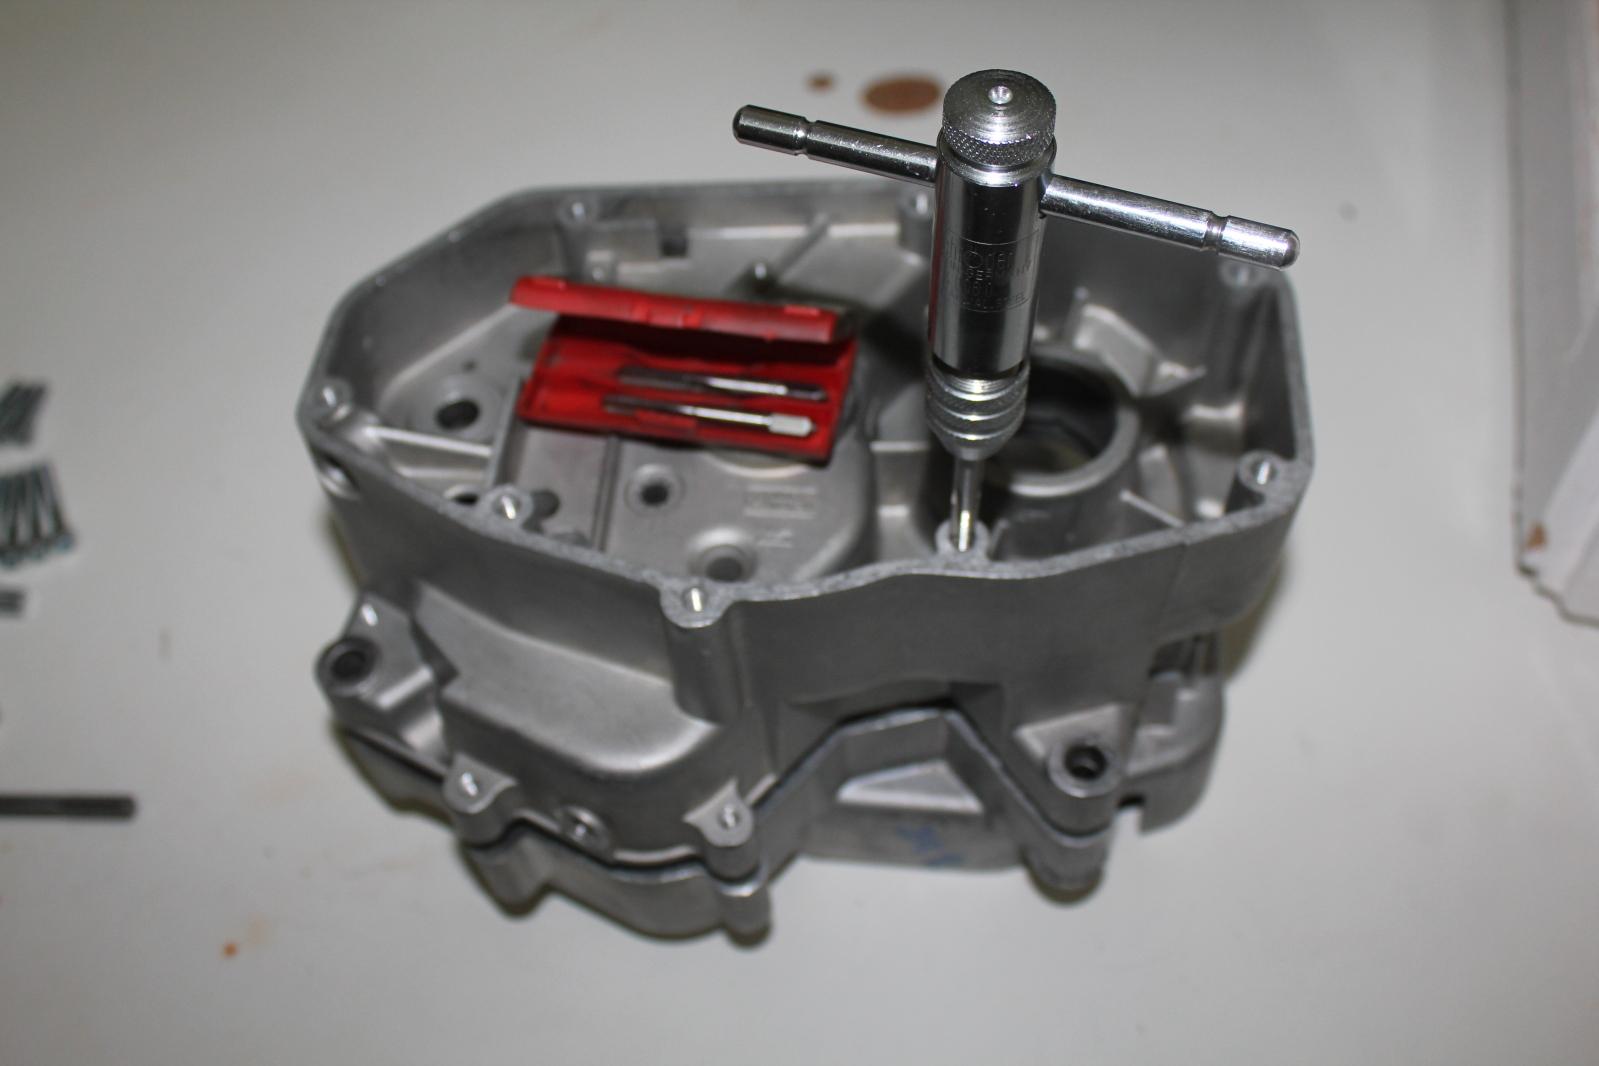 encendido - Mejoras en motores P3 P4 RV4 DL P6 K6... - Página 3 16kpb2c